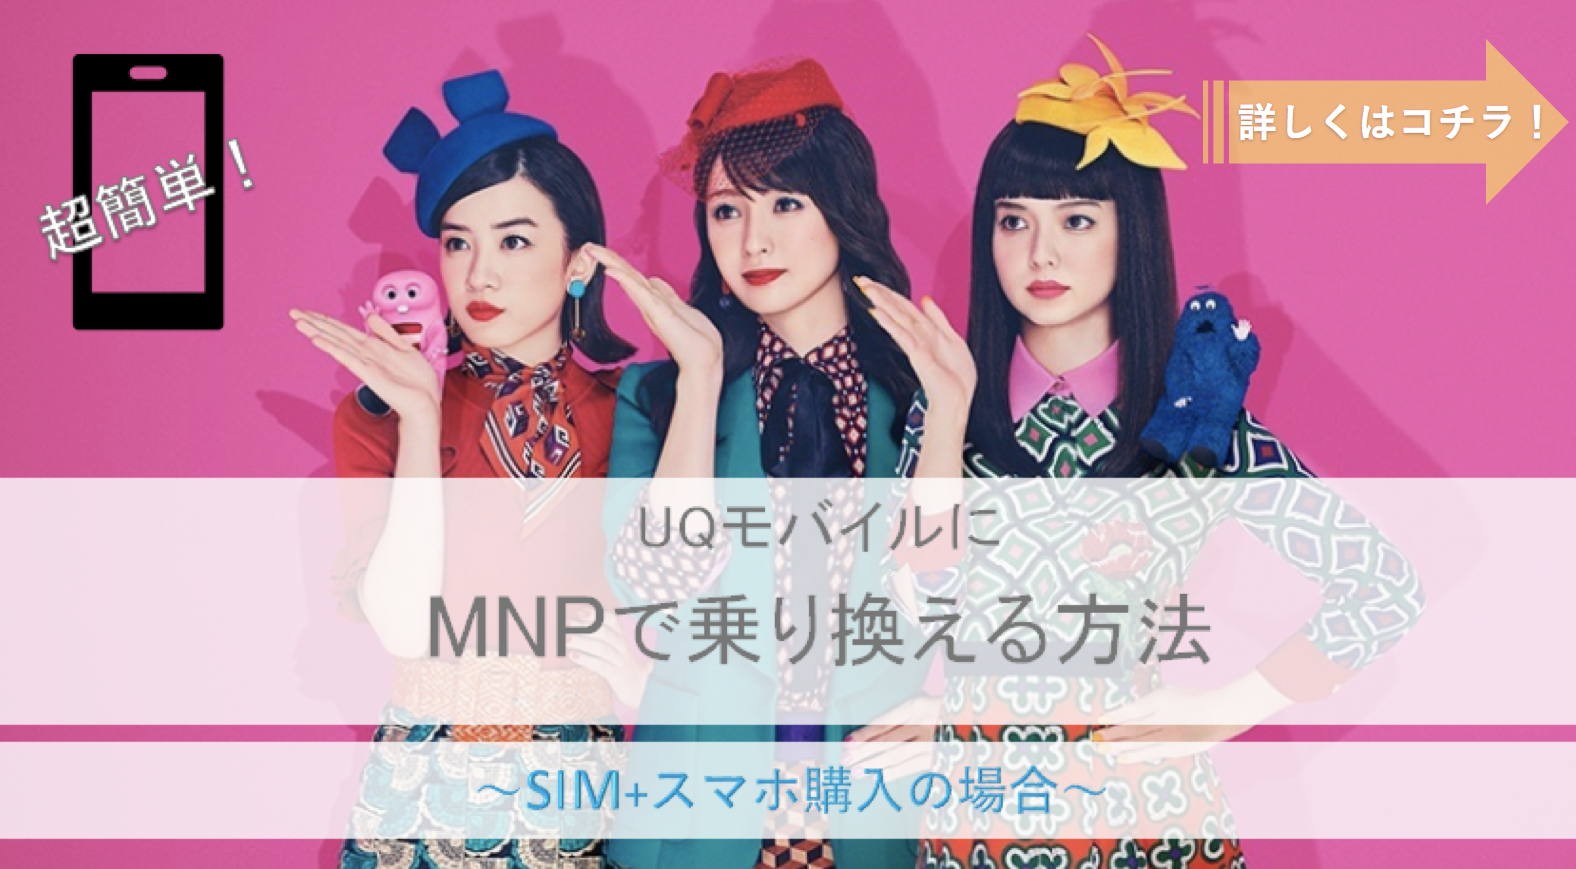 SIM+スマホ購入でUQモバイルにMNP乗り換え!